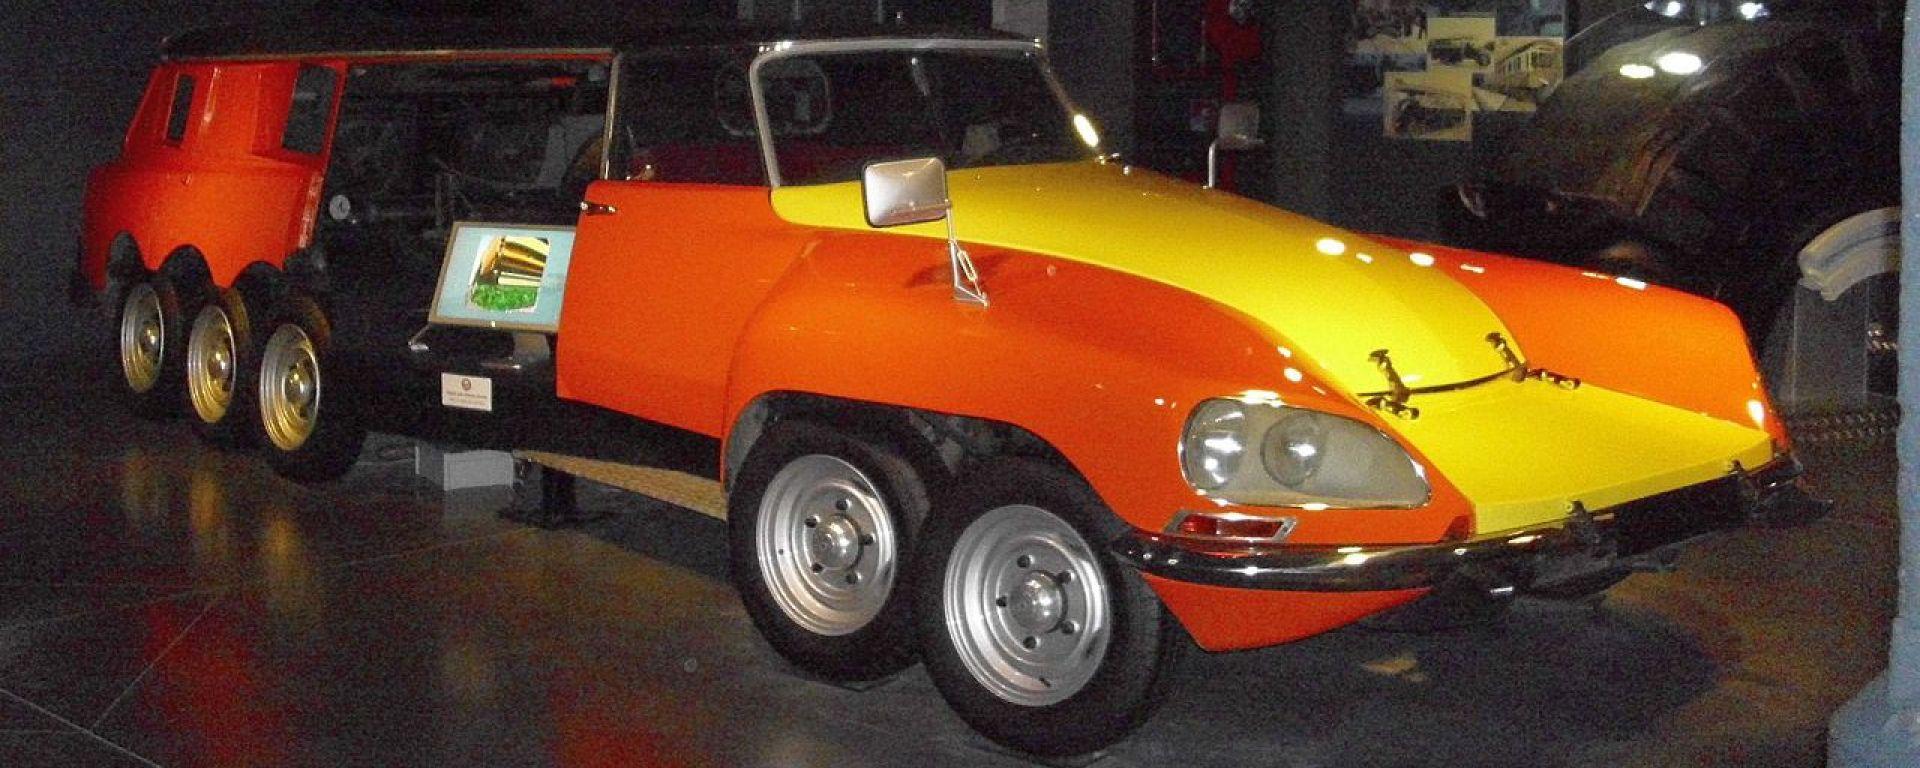 Citroen DS Millepiedi e non solo. 5 auto con più di 4 ruote